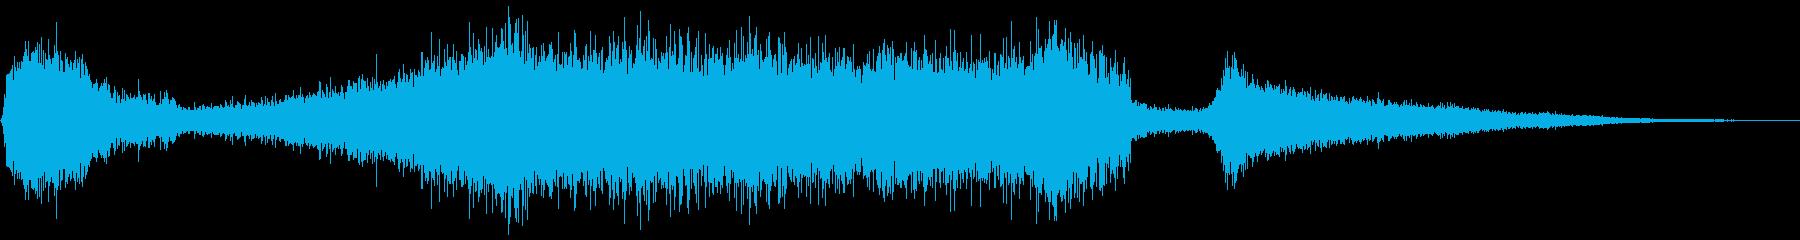 エアロック圧力リリース、SCI F...の再生済みの波形